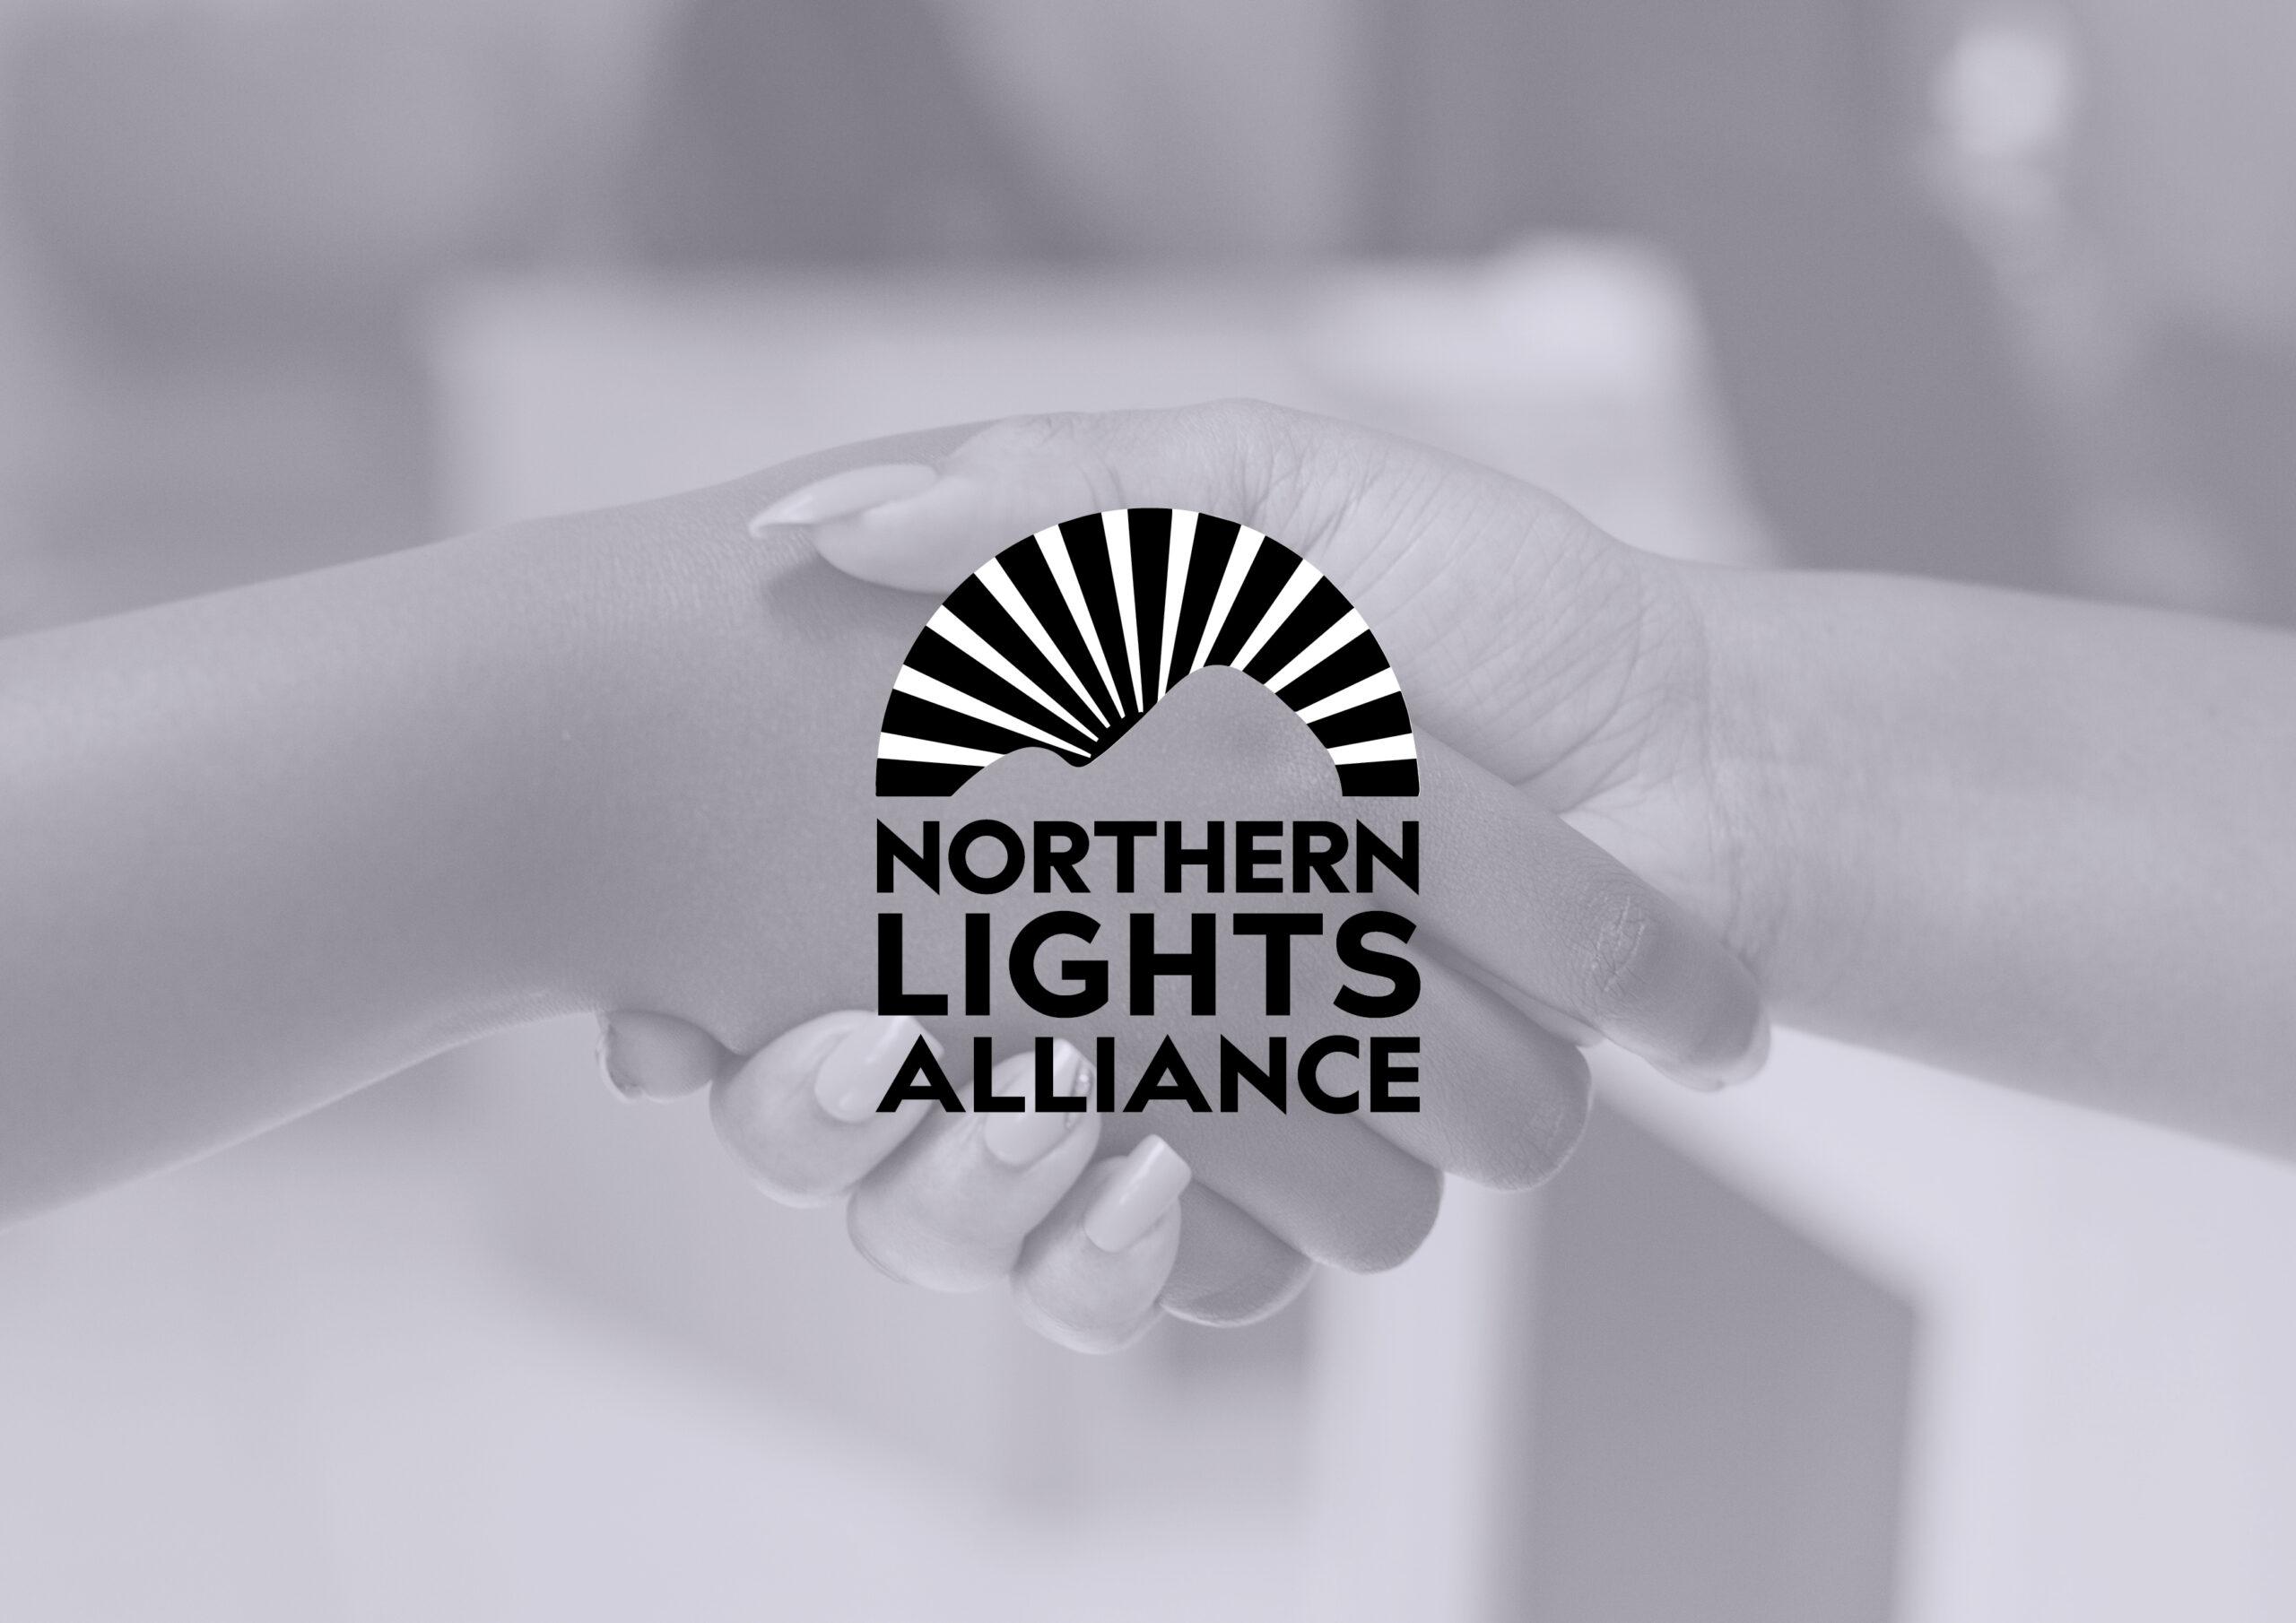 Northern lights alliance thumbnail